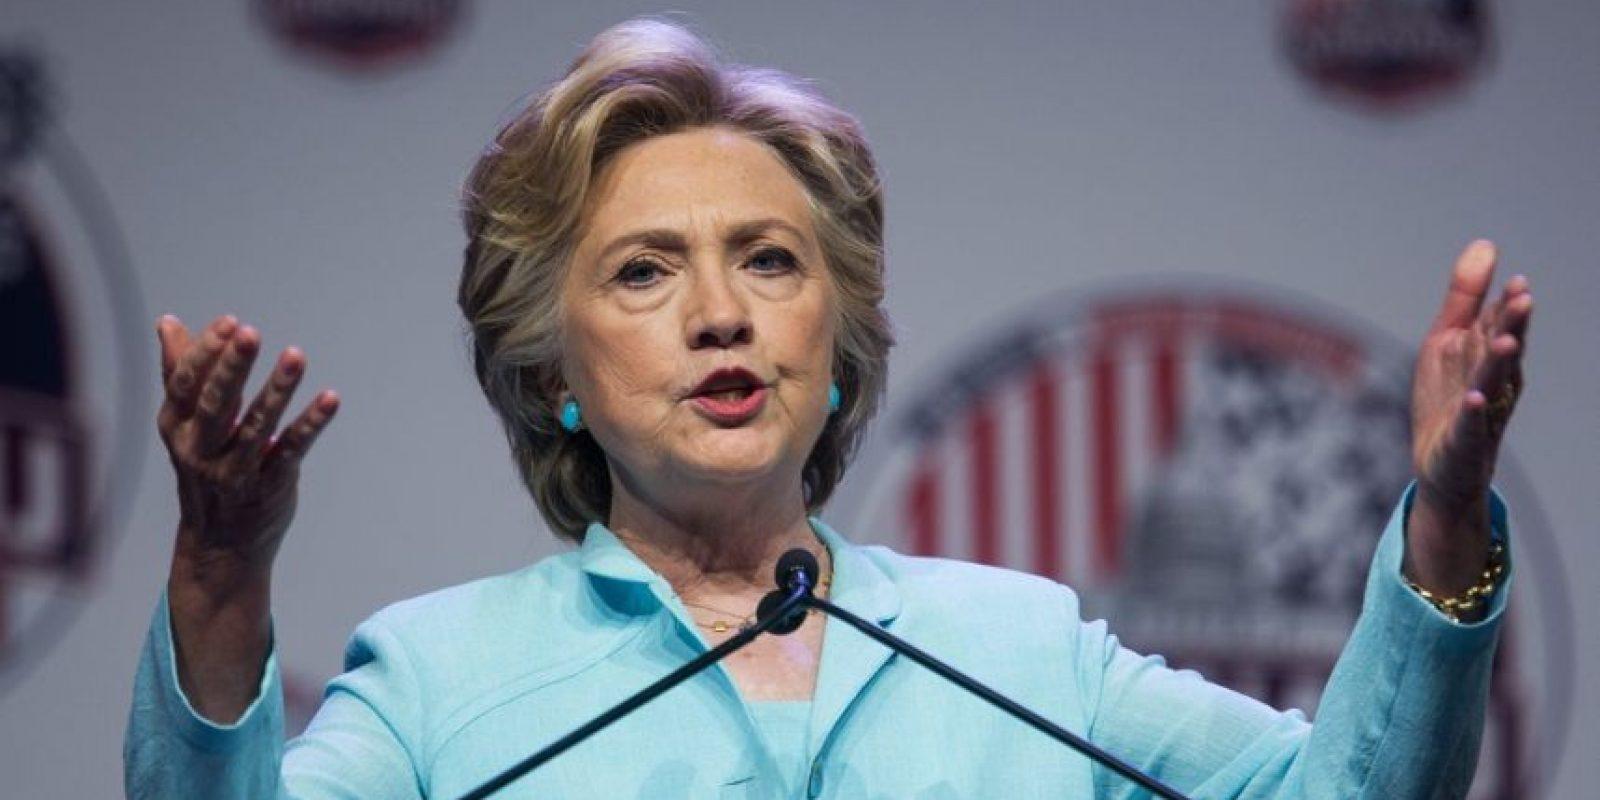 Las políticas del Partido Demócrata beneficiarían a los dominicanos residentes ilegalmente en EE.UU. Foto:EfE.